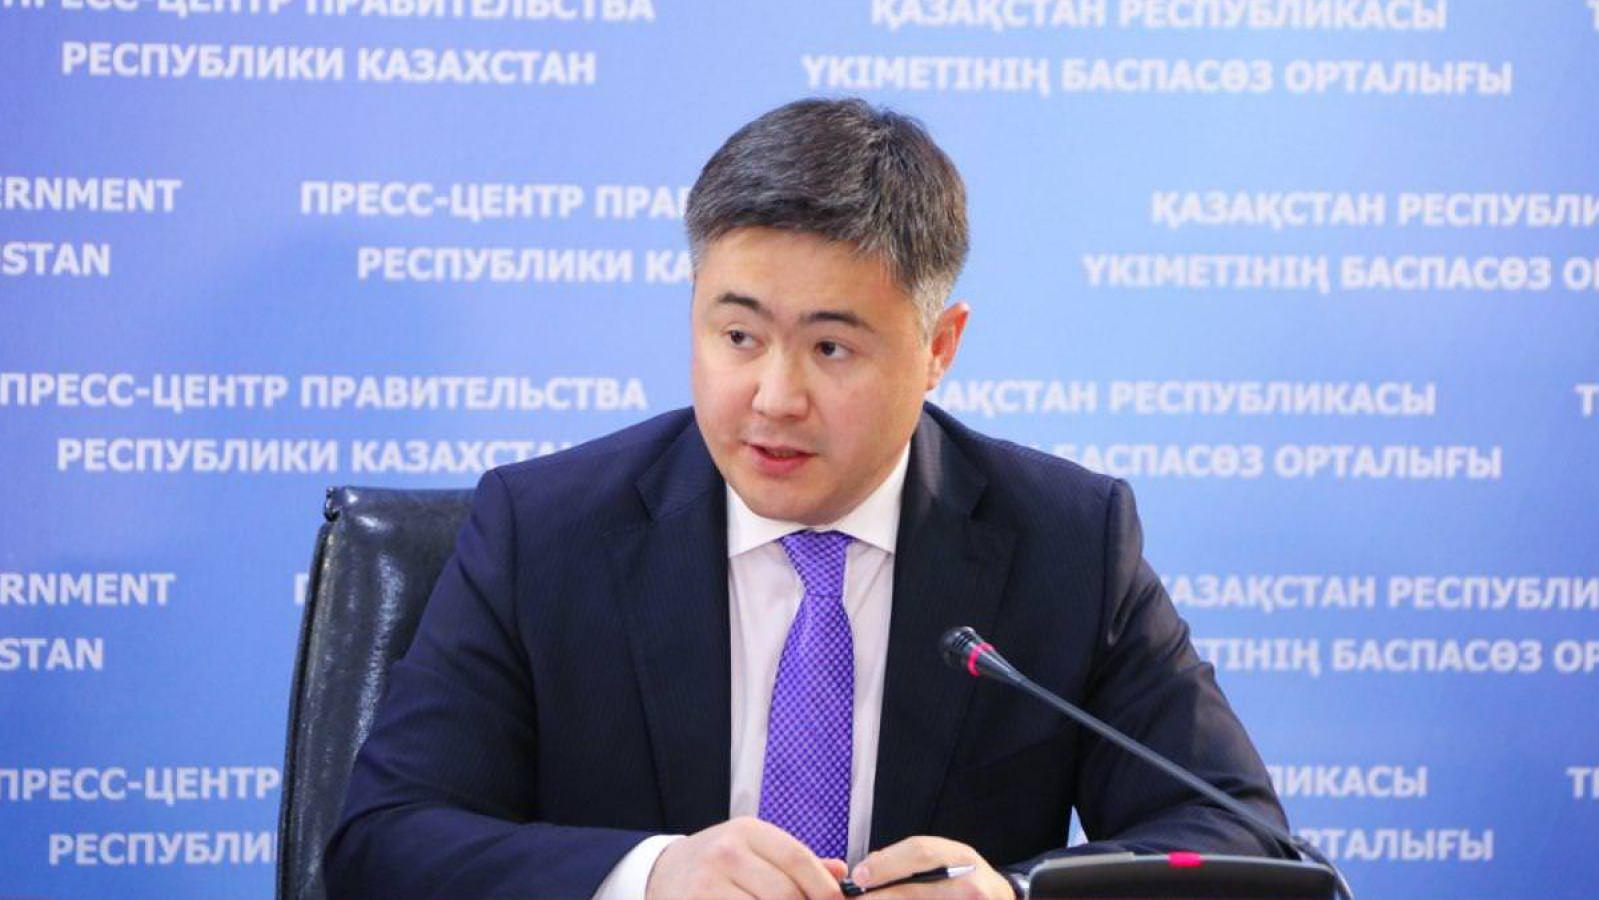 Сулейменов озвучил предложения по реформированию финансового рынка РК